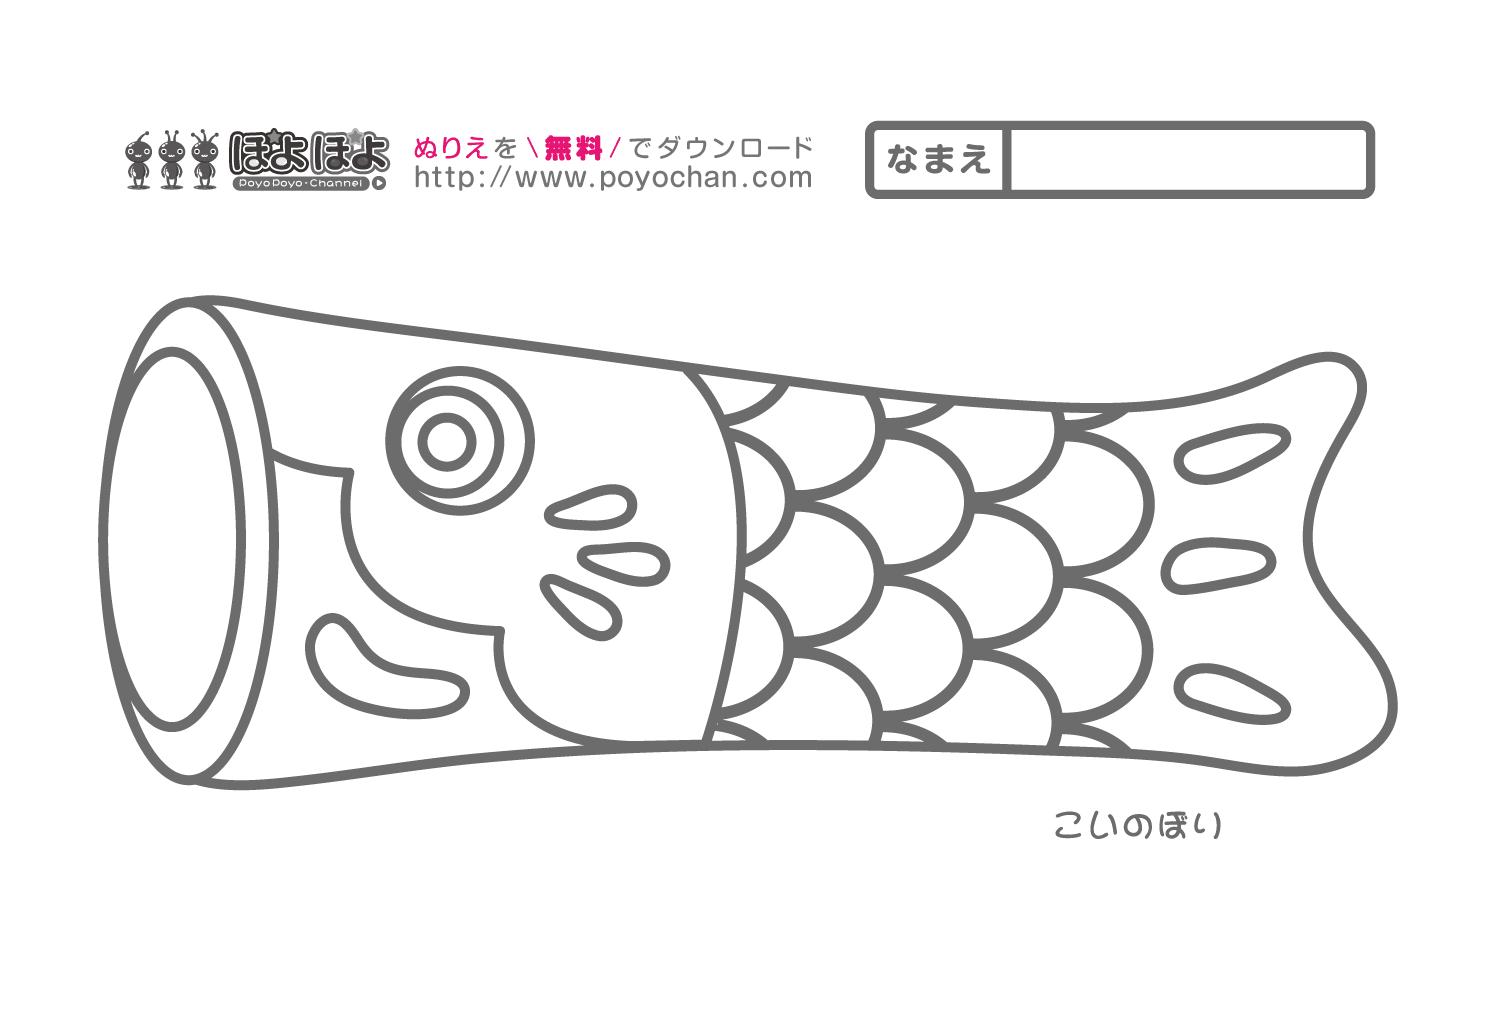 5月の無料ぬりえ鯉のぼり01こどもの日 知育アニメと無料ぬりえ